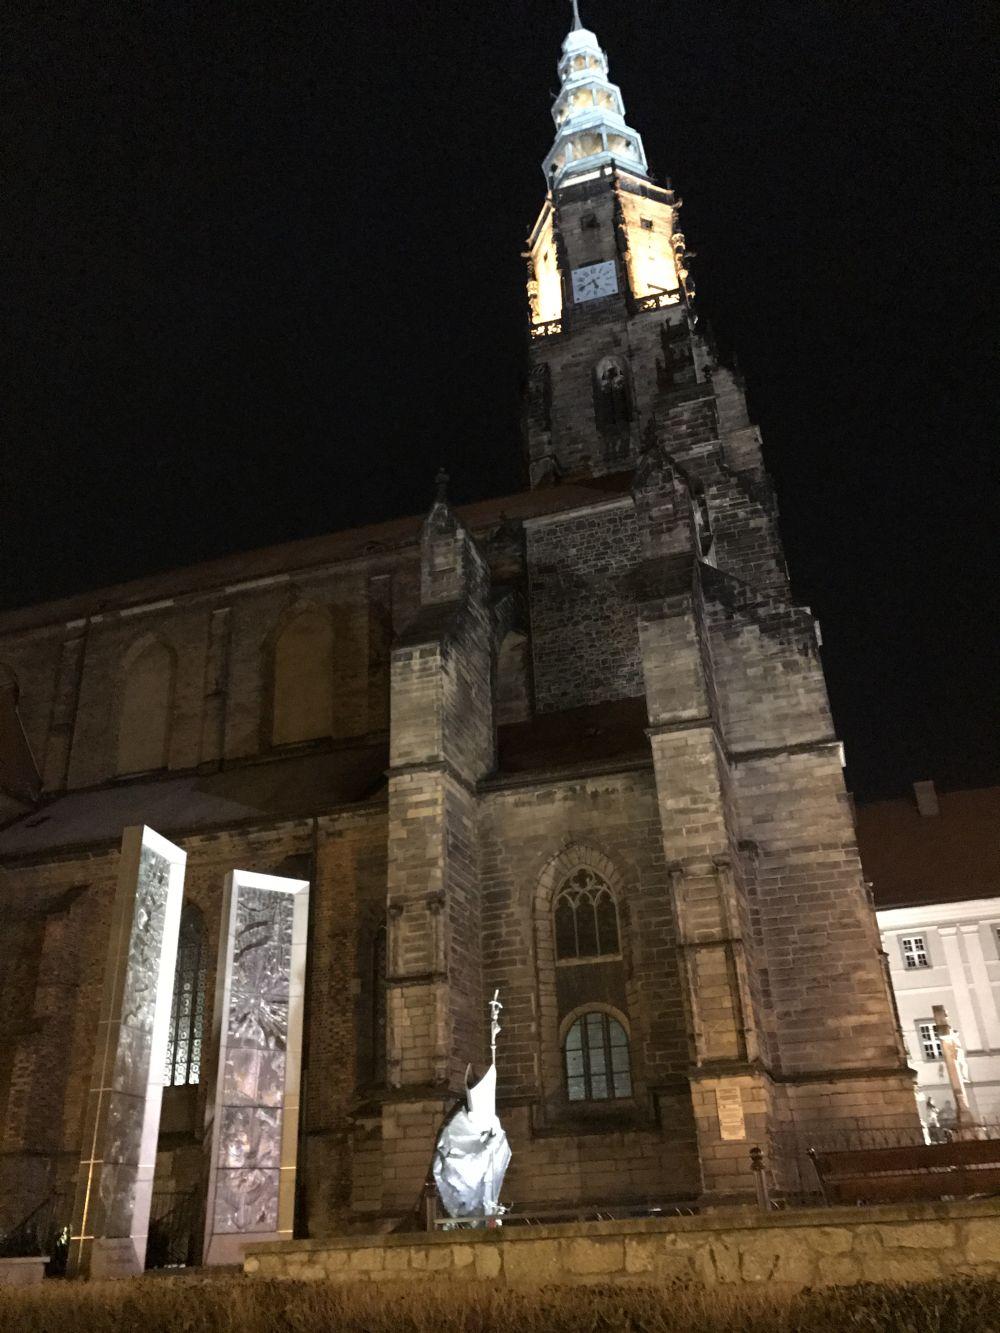 Świdnicka katedra, 28.12.2019, fot. Brygida Lurka